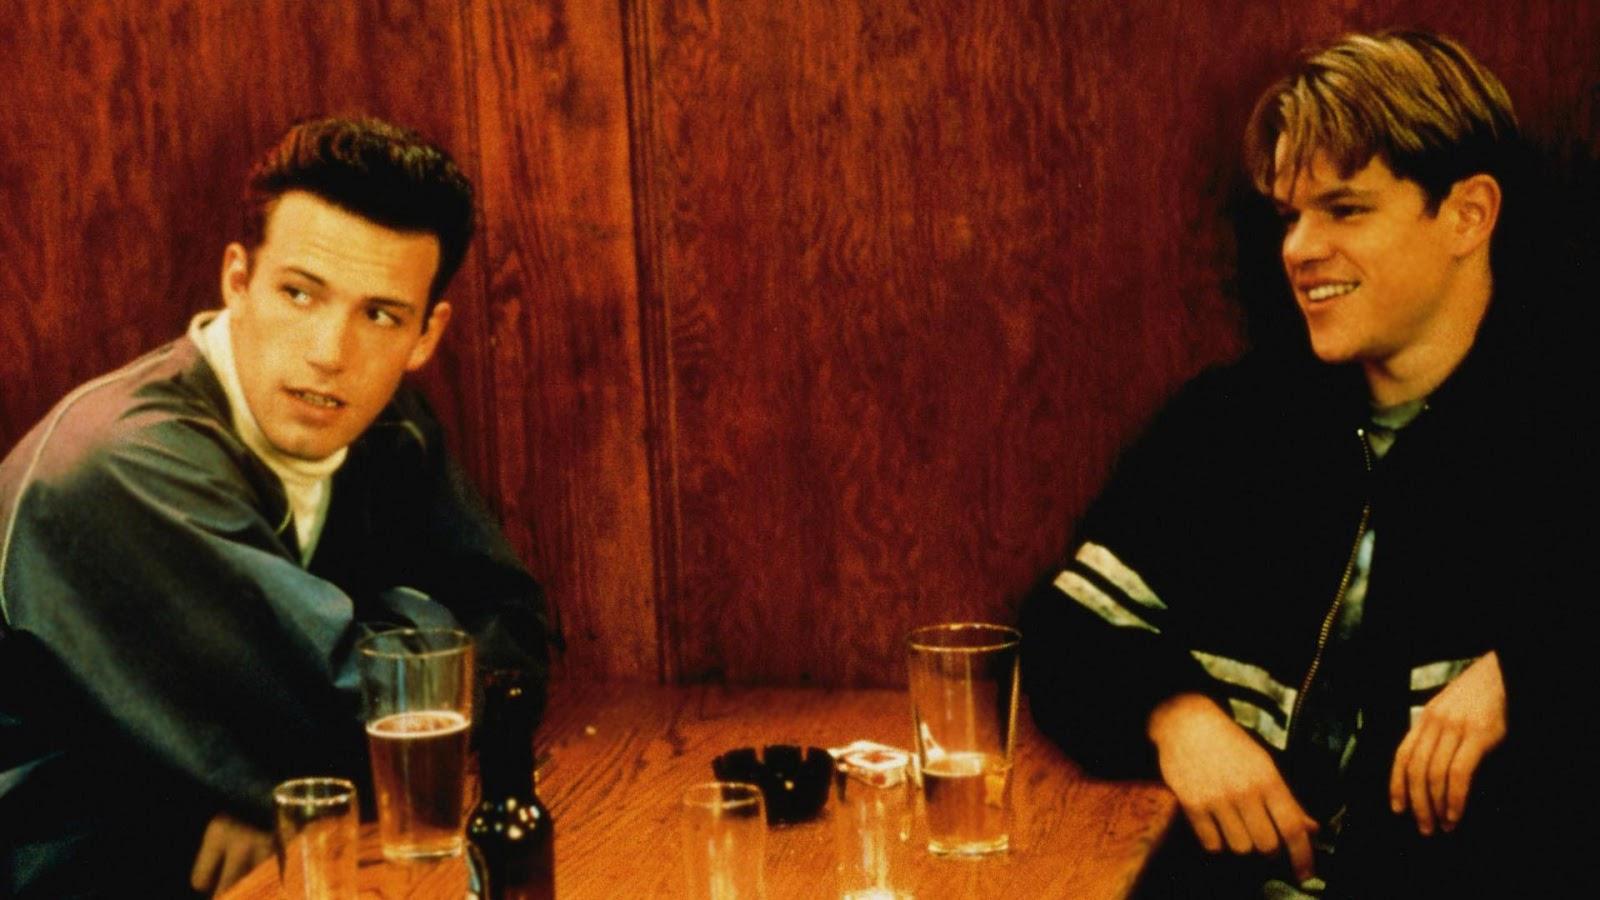 Gênio Indomavel intended for cinemateca: crítica: gênio indomável (good will hunting, 1997)